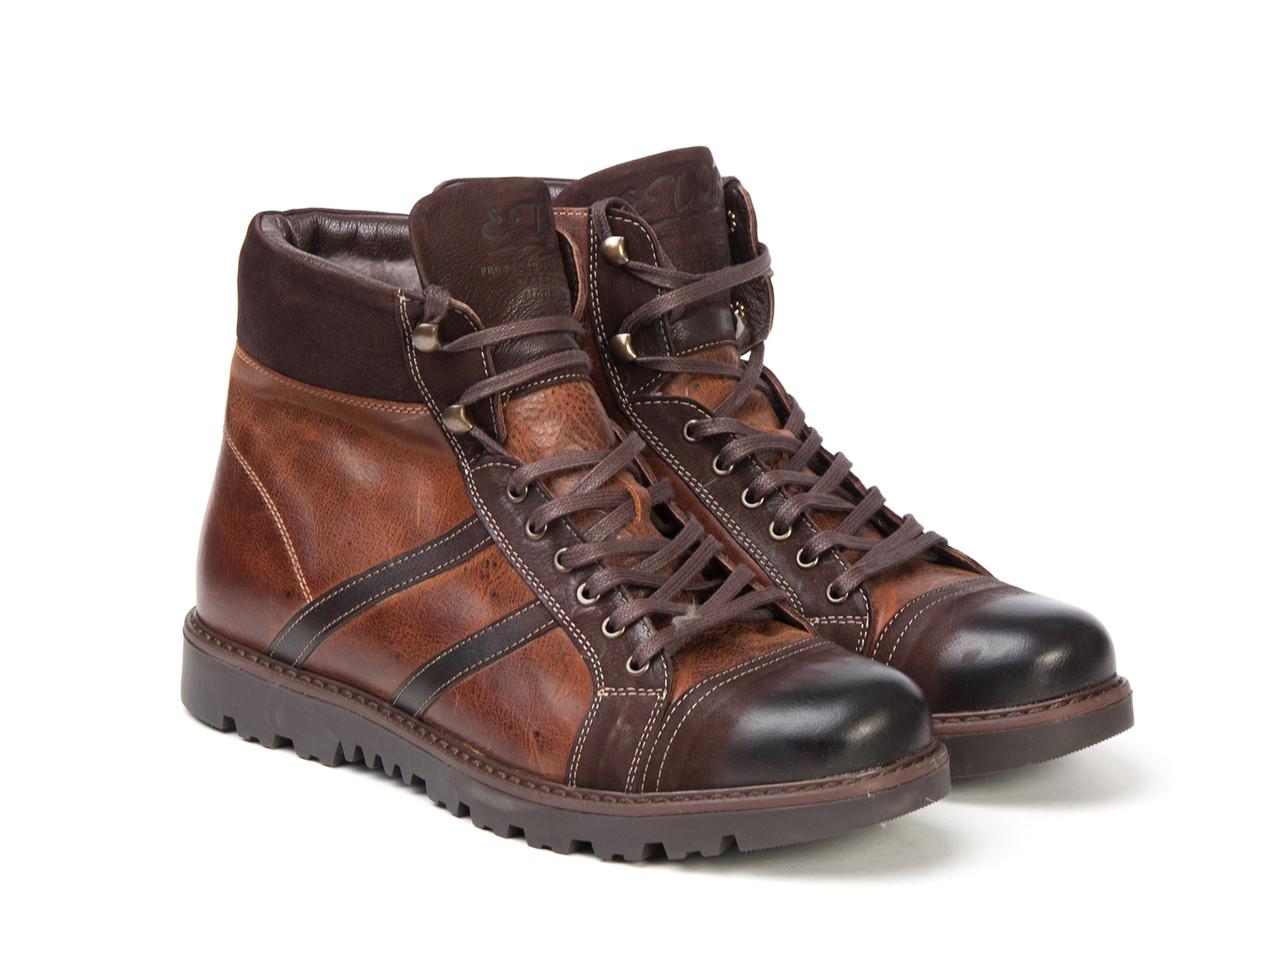 Ботинки Etor 8503-4505 коричневые